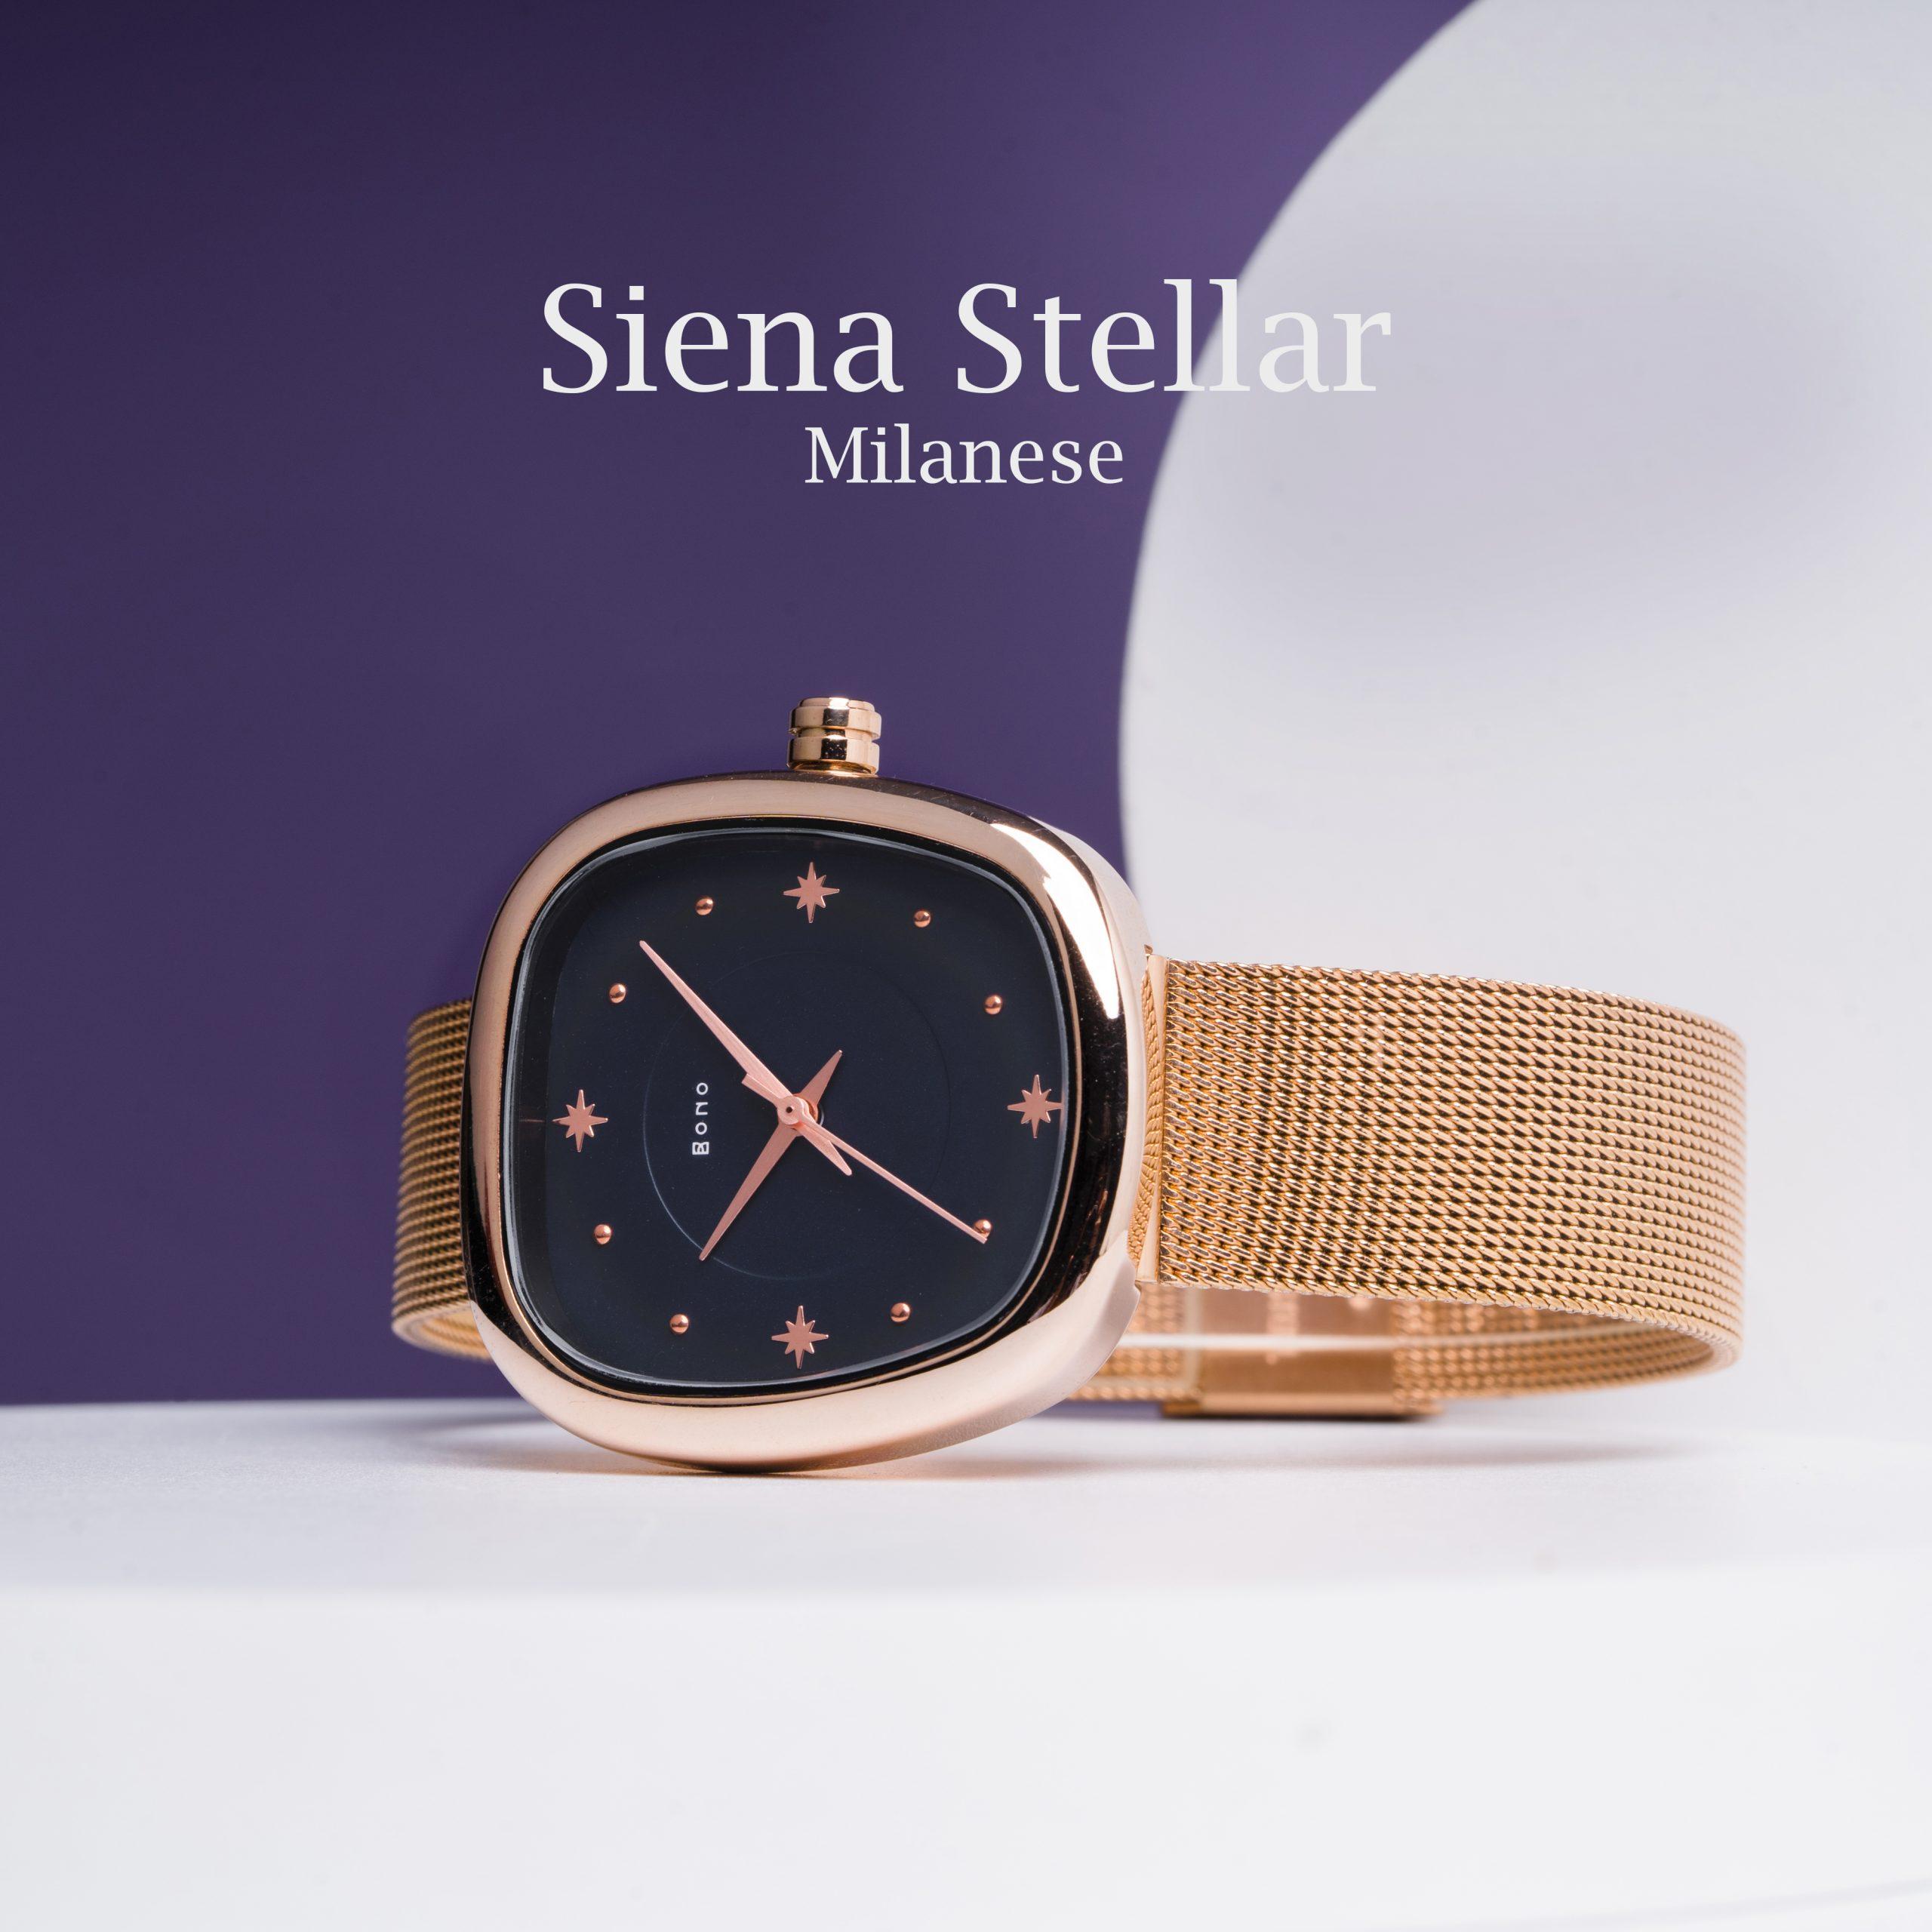 Siena Stellar Milanese